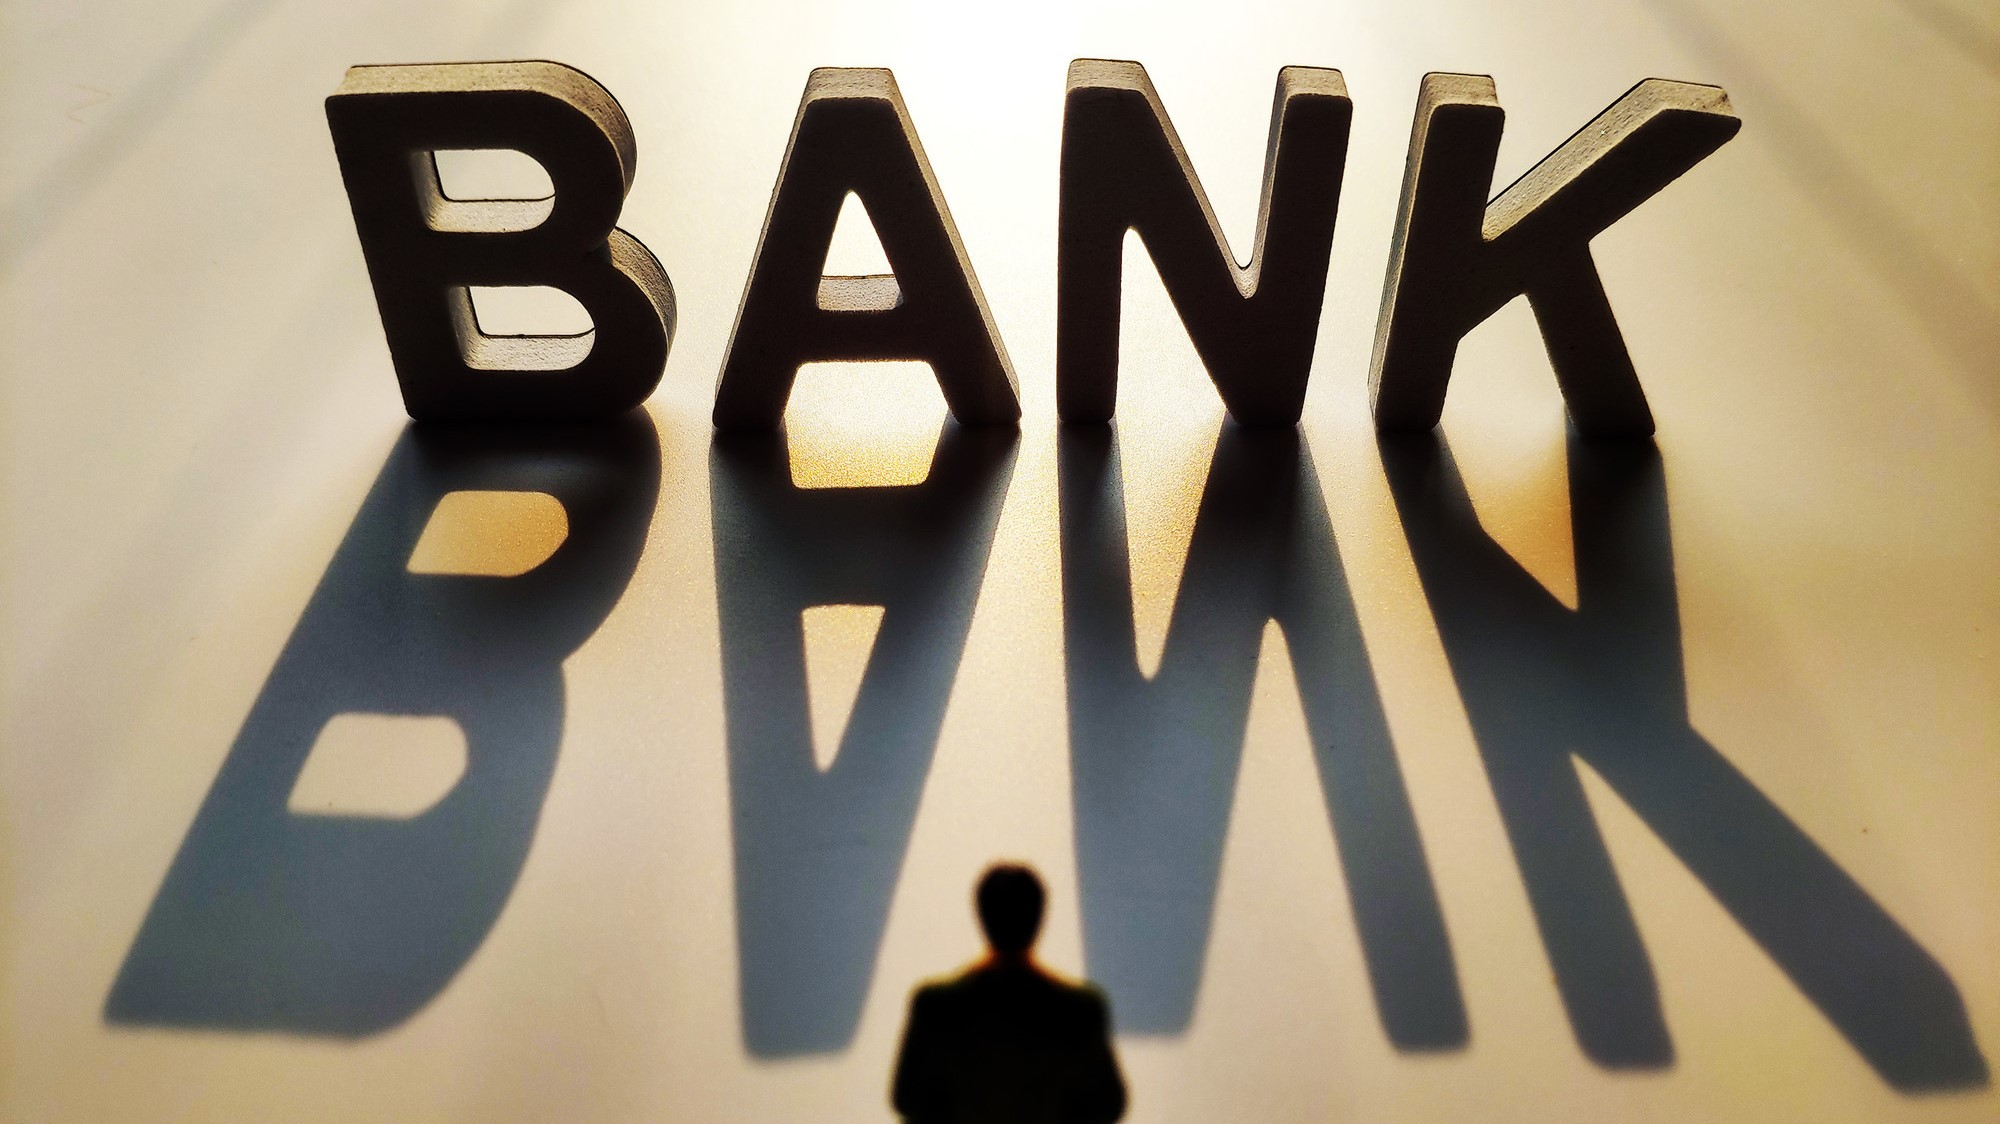 【国信固收】银行理财加速转型,规模平稳